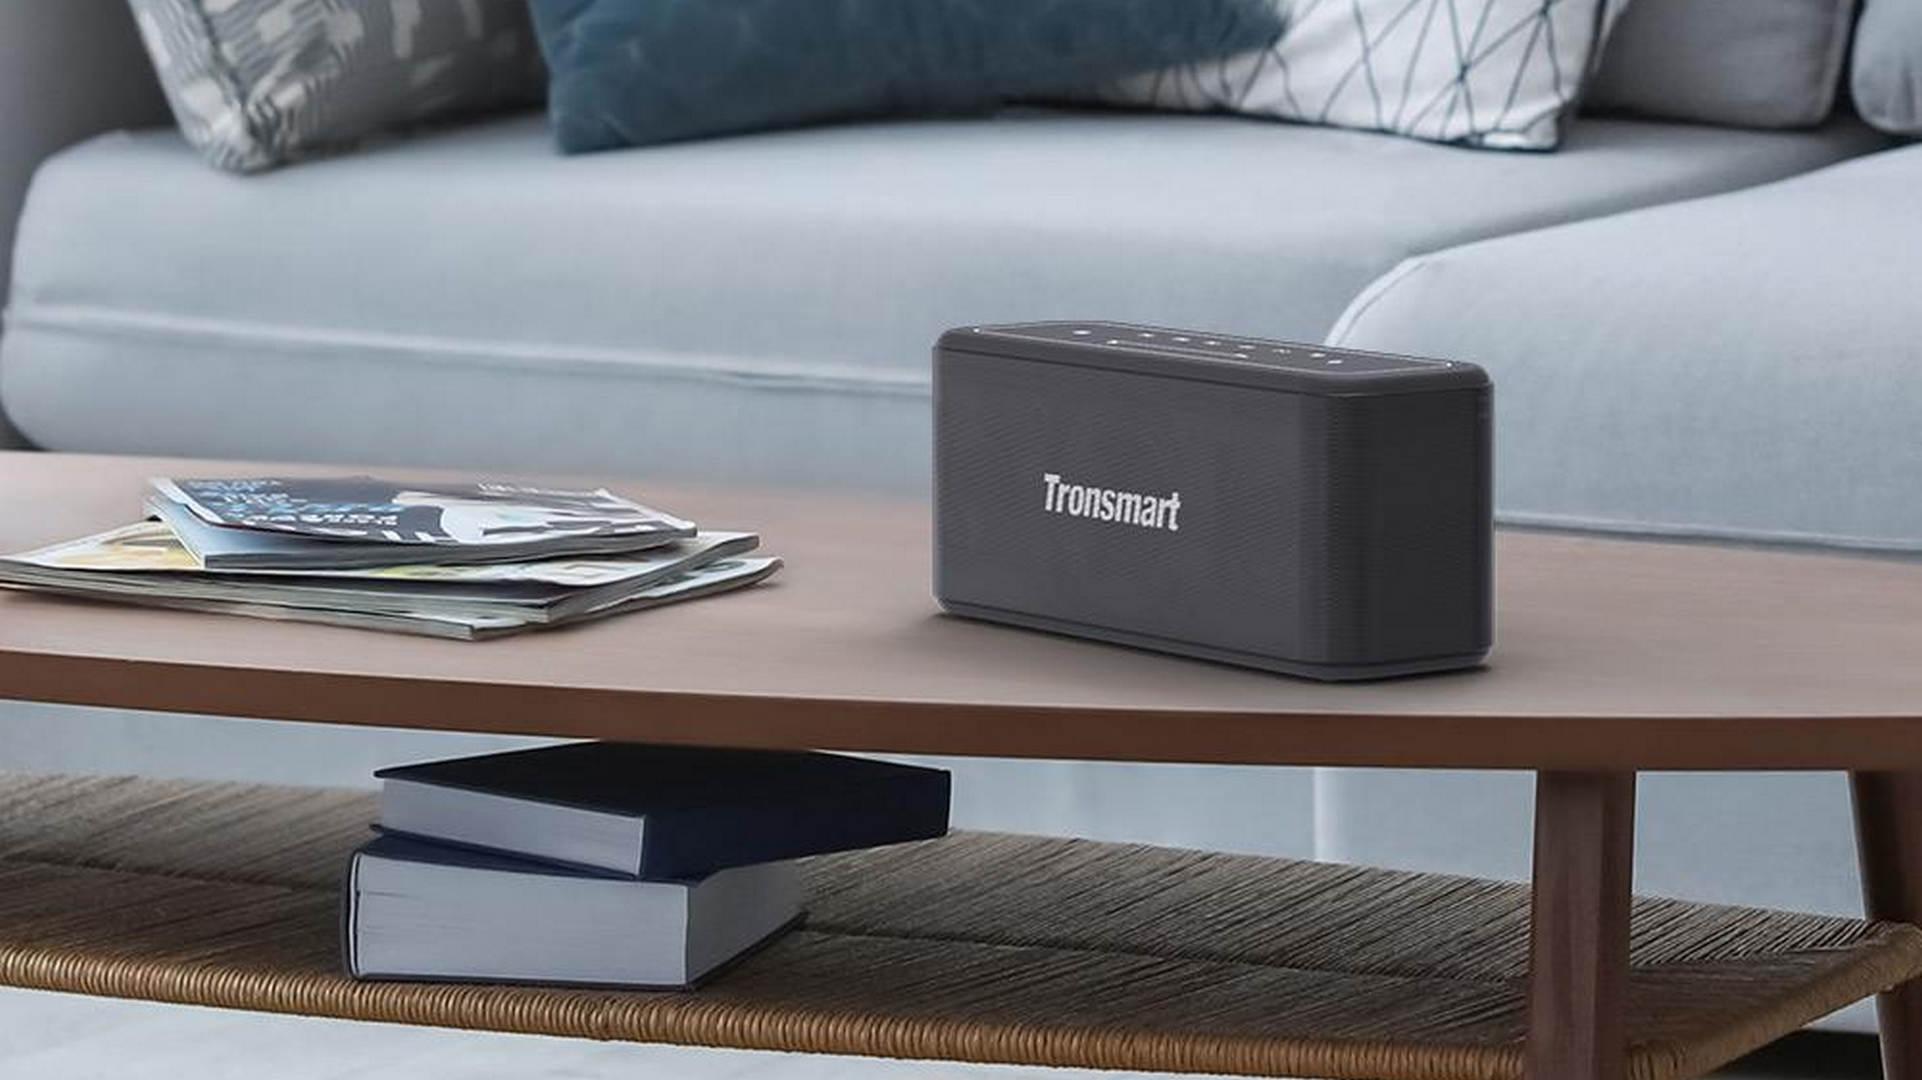 Tronsmart Mega Enceinte Bluetooth Haut-Parleur 40W - Test & Avis - Les Meilleures Enceintes Avis.fr